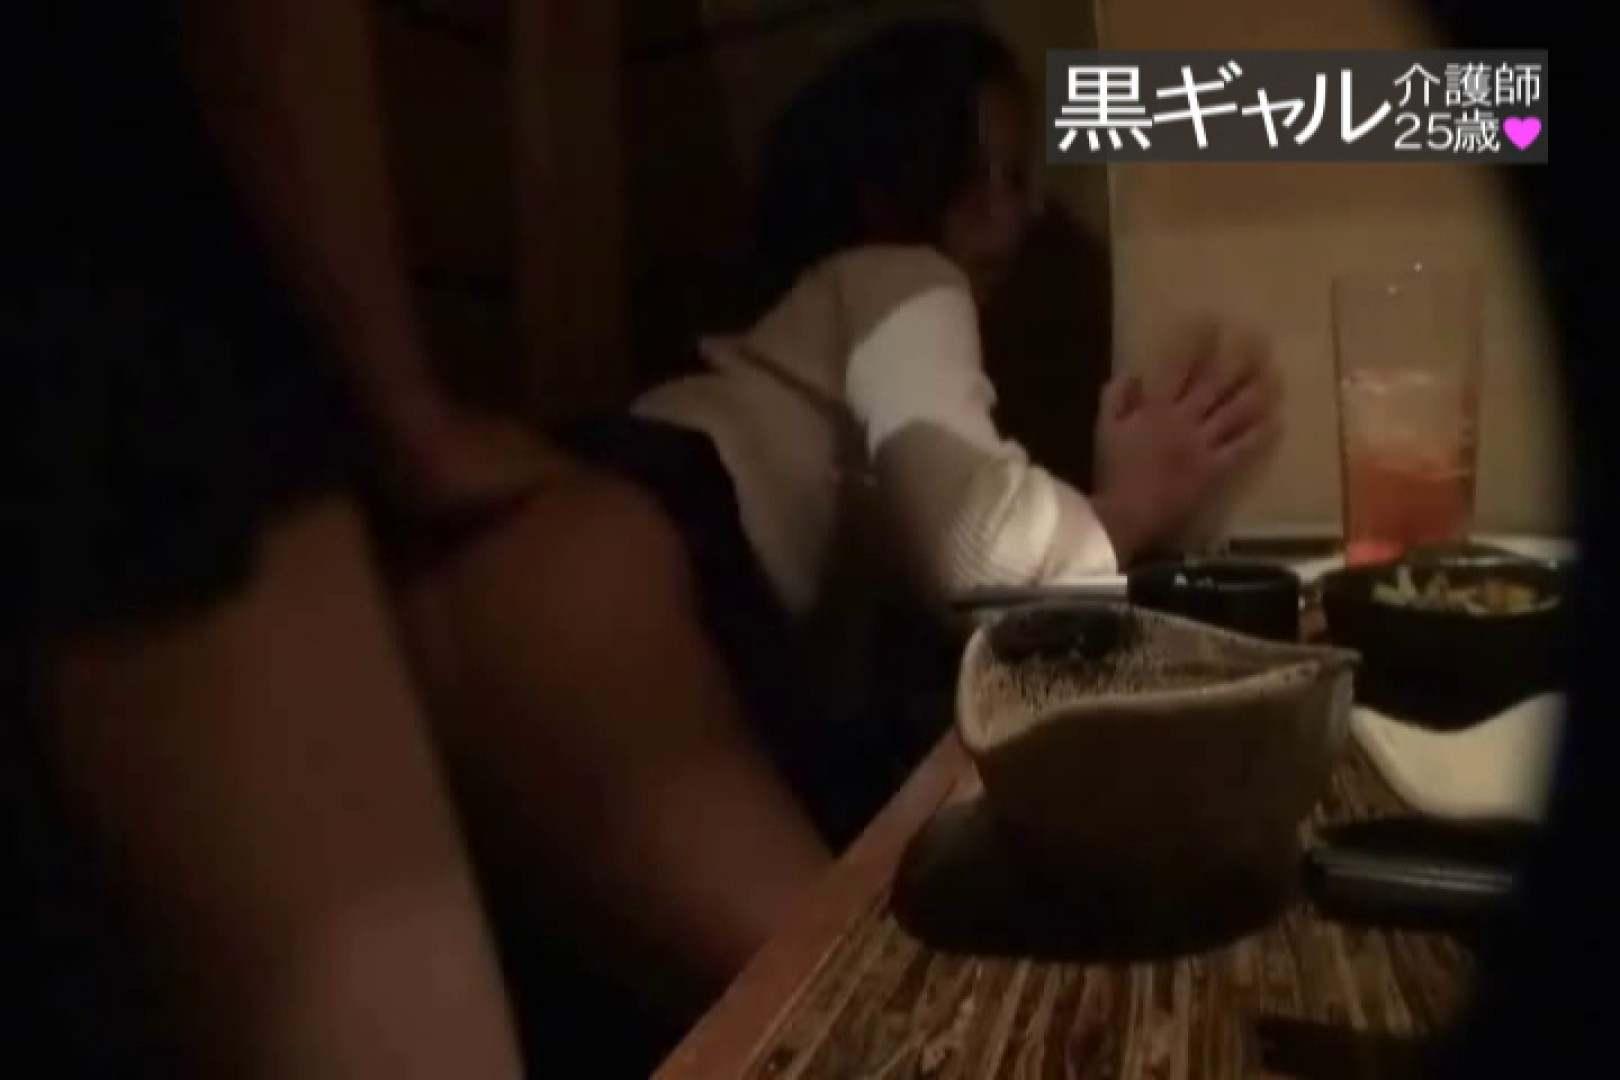 独占入手 従順M黒ギャル介護師25歳vol.3 卑猥   OLのエロ生活  38連発 37